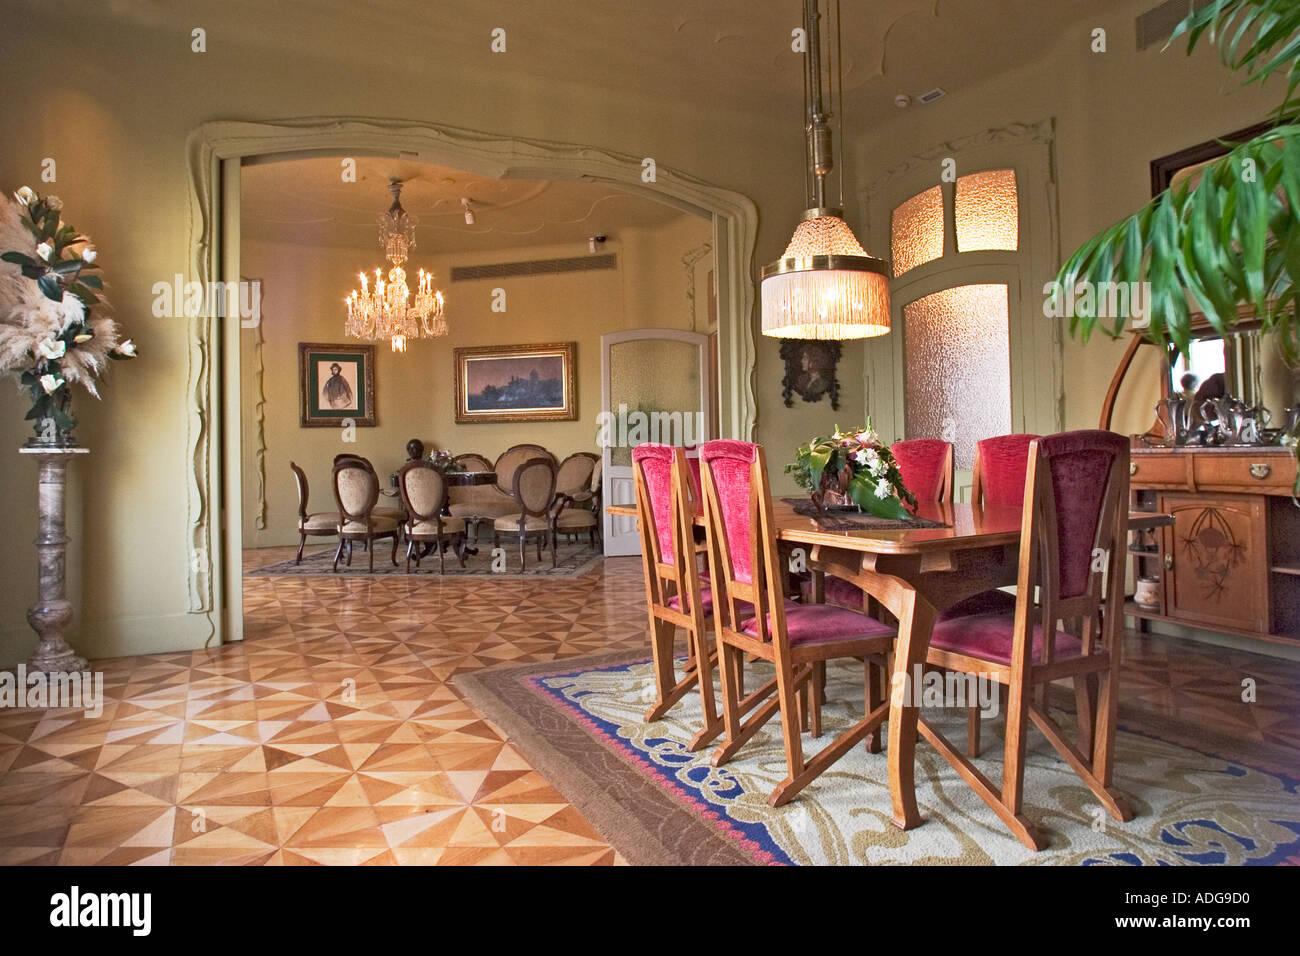 Barcelona Wohnen barcelona spanien wohnen esszimmer casa mila auch bekannt als la